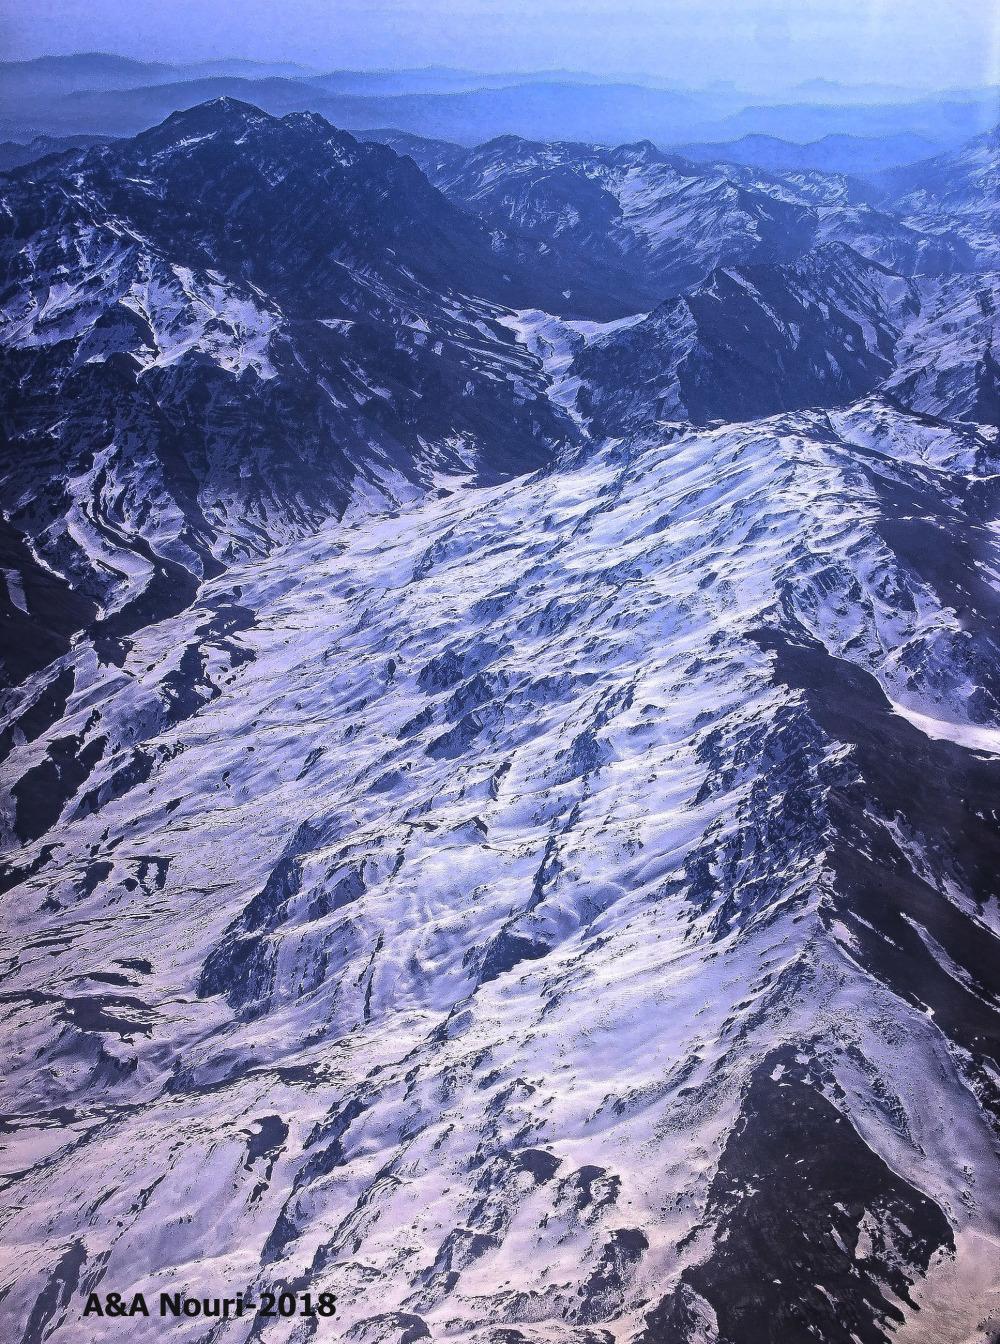 Dena mountain and miserable plane crash memorial